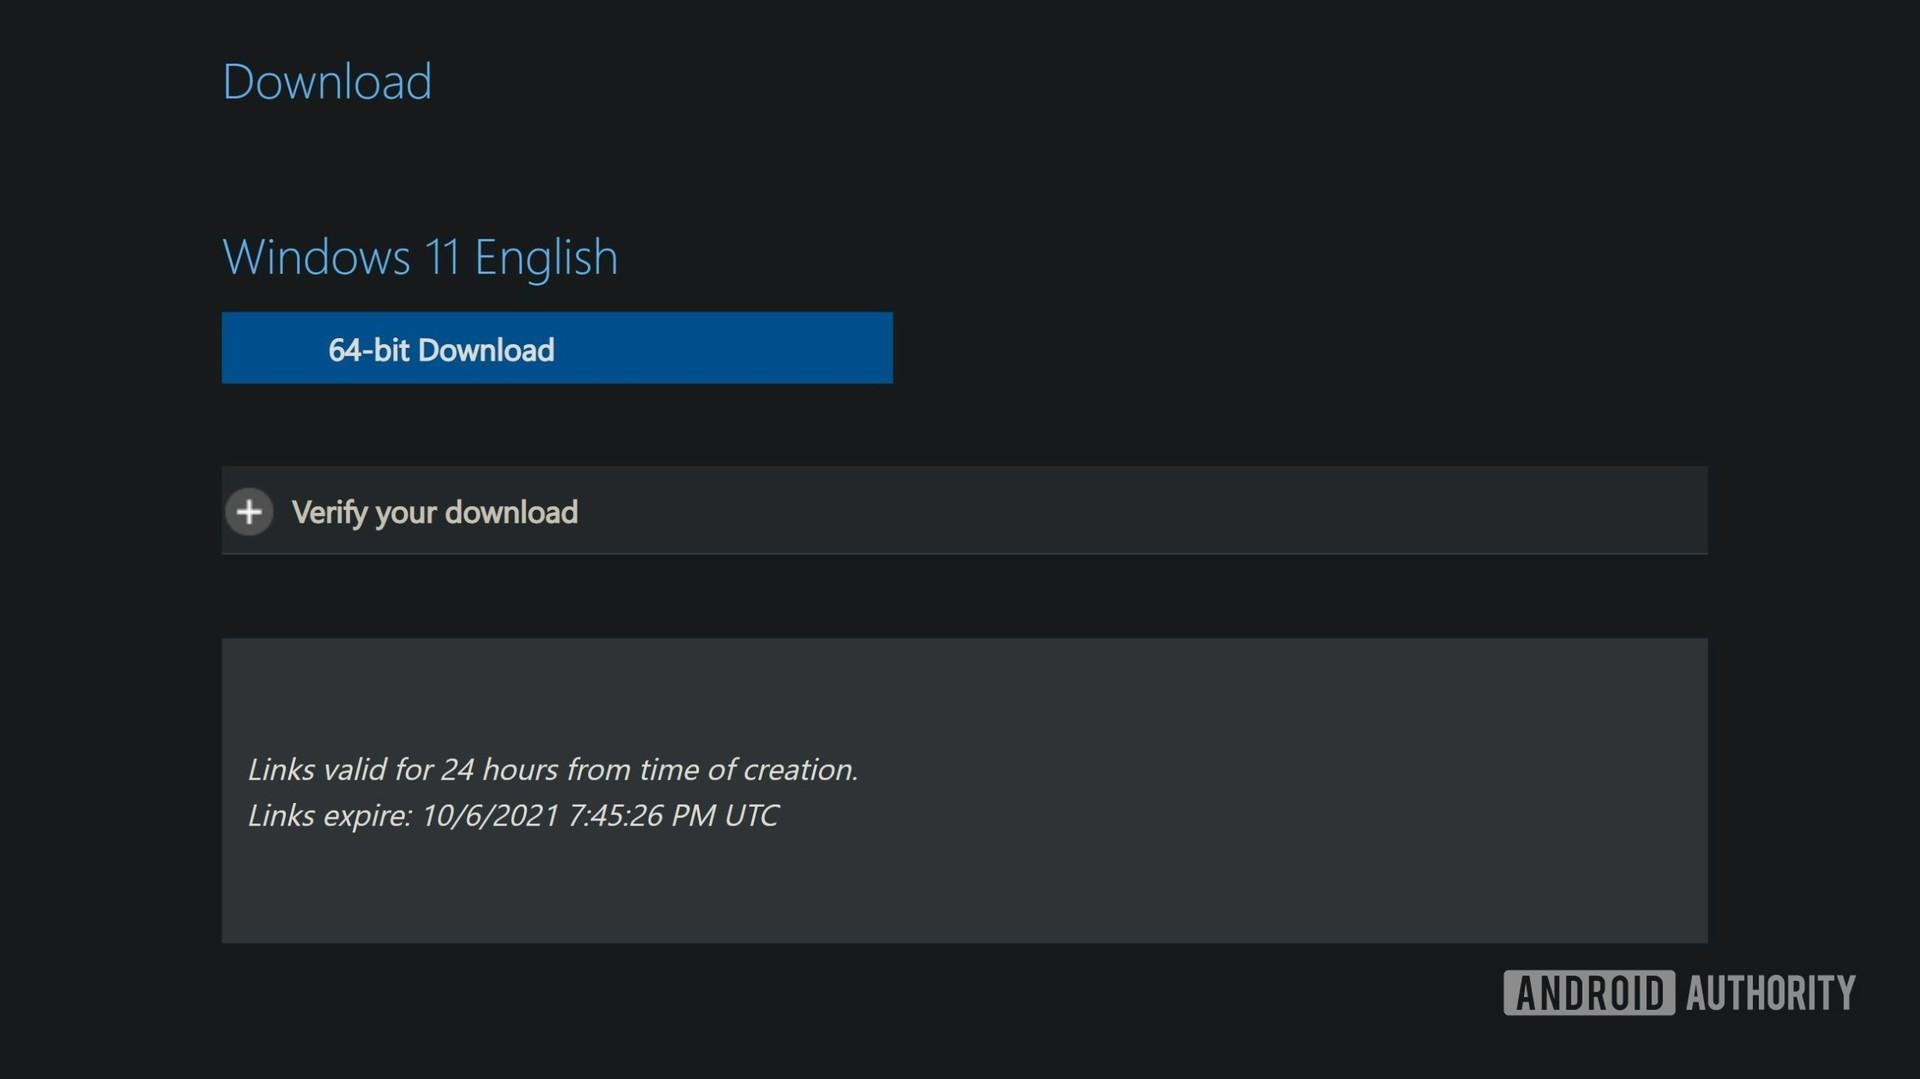 Windows 11 official ISO obtain button